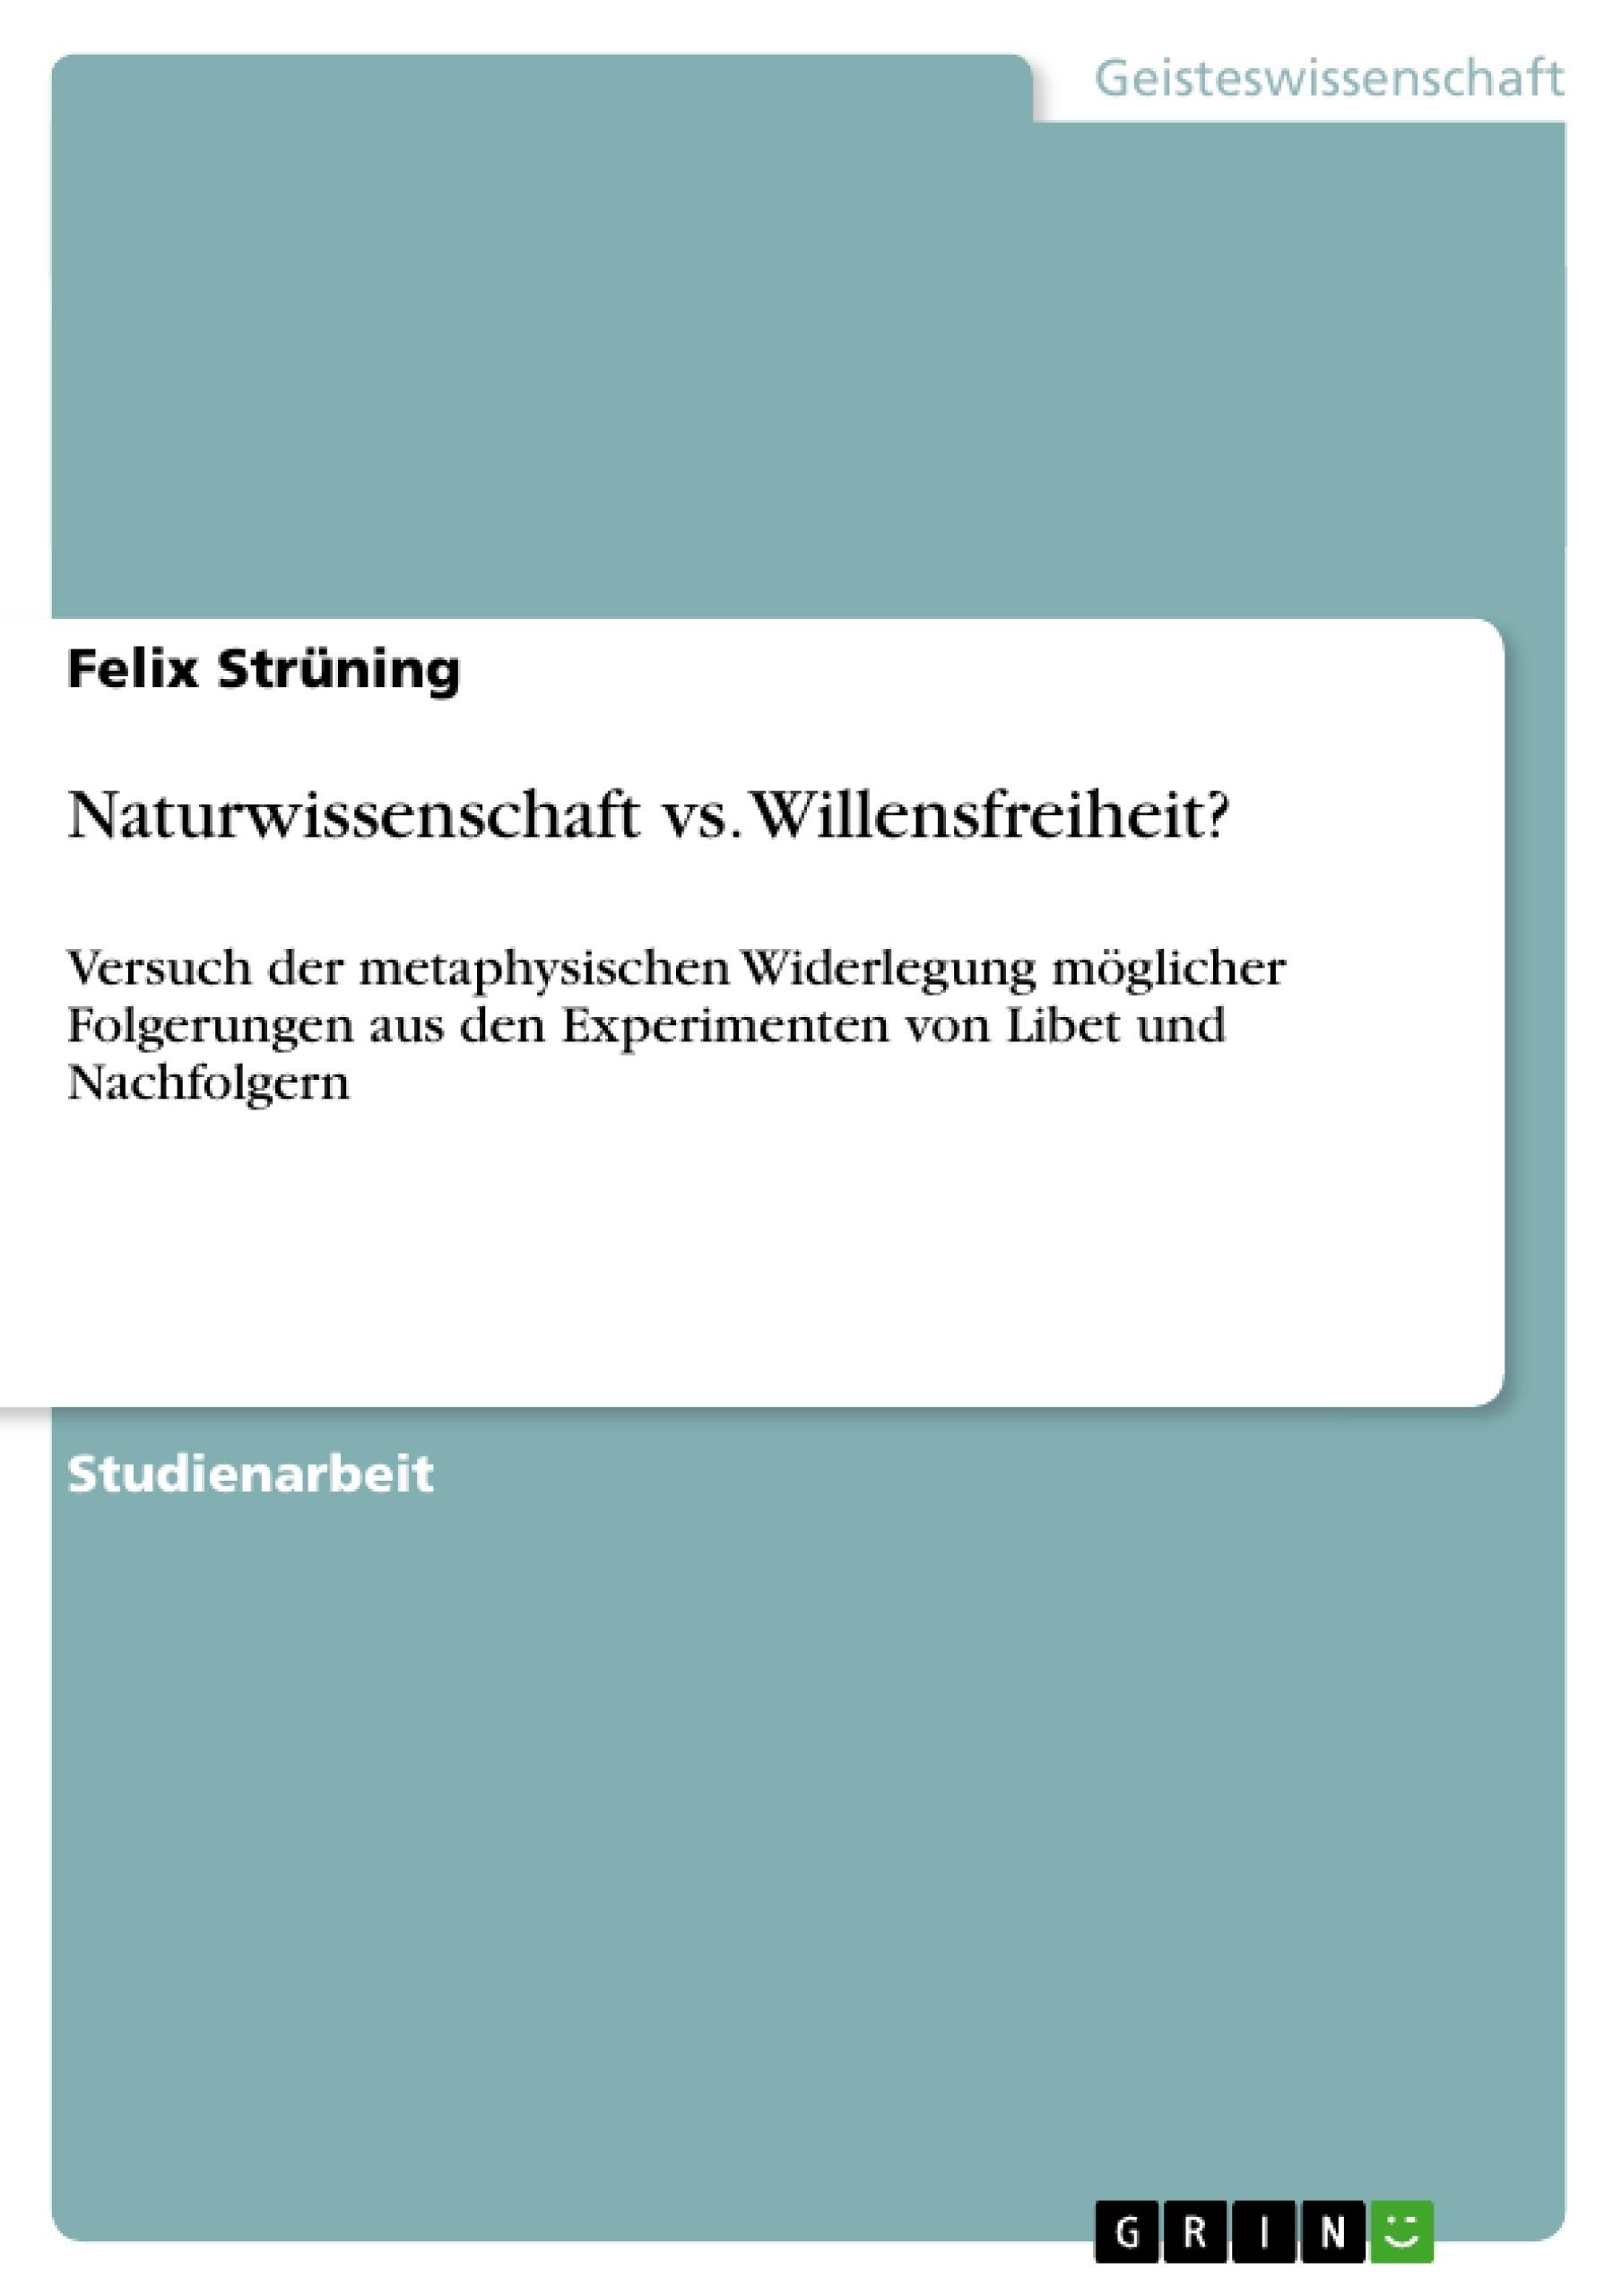 Titel: Naturwissenschaft vs. Willensfreiheit?